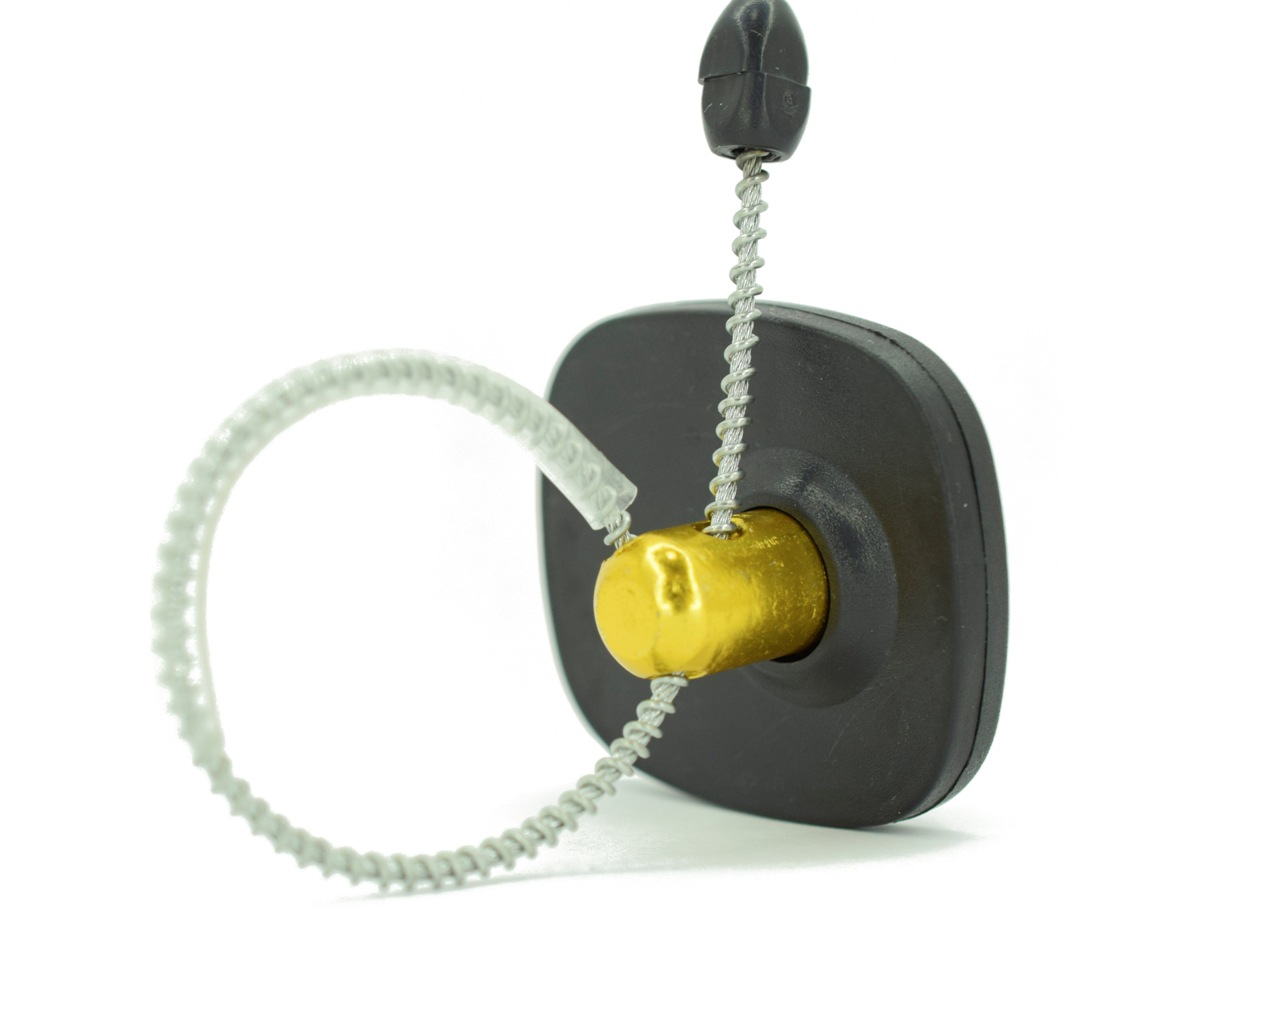 Противоклажный датчик для товара в бутылках